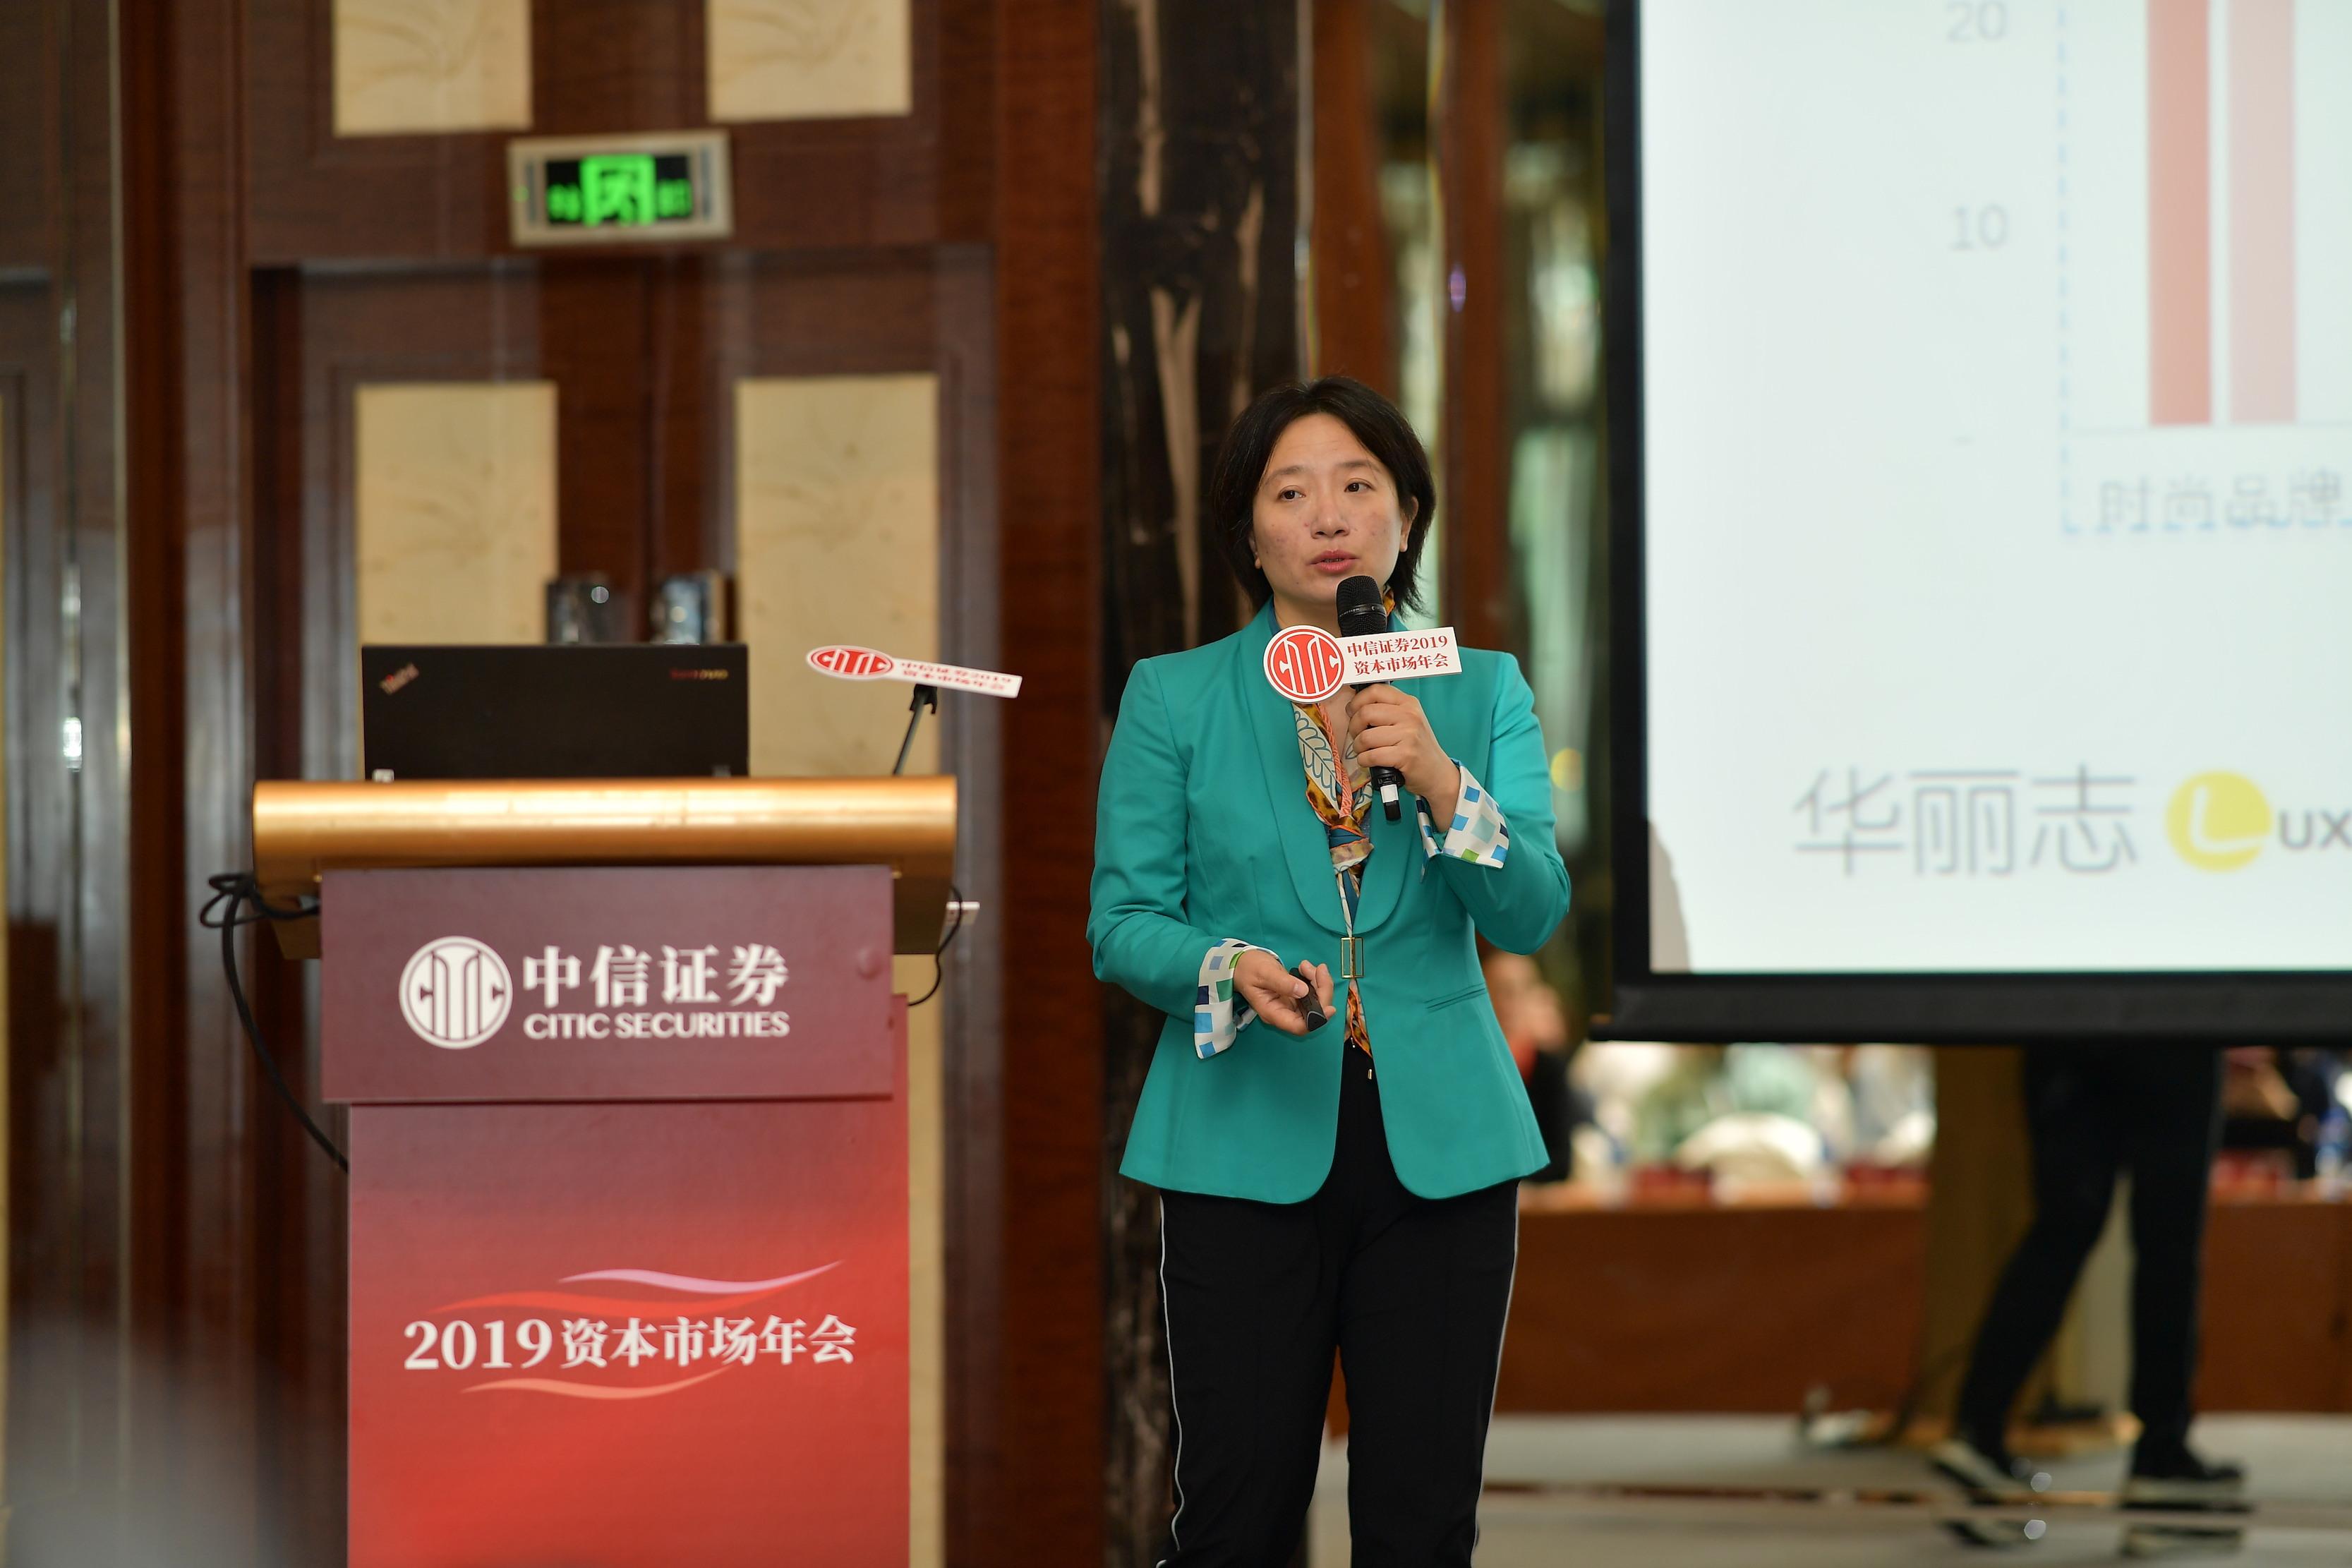 华丽志创始人余燕:投资国际时尚和奢侈品牌,绕不开这四大难题